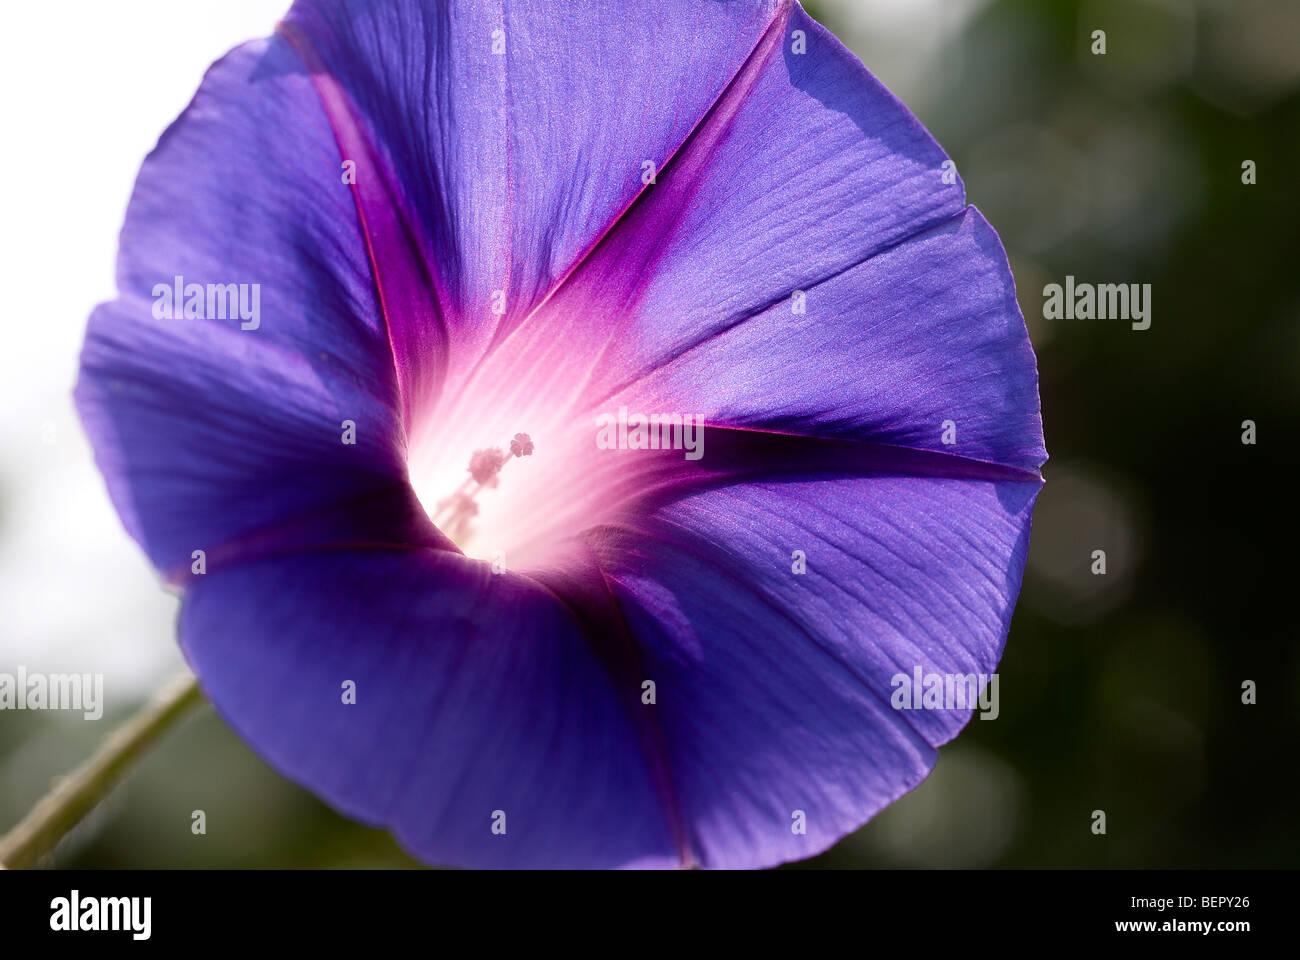 Morning Glory Blue Flower Royal Blue White Stamen Flower Stock